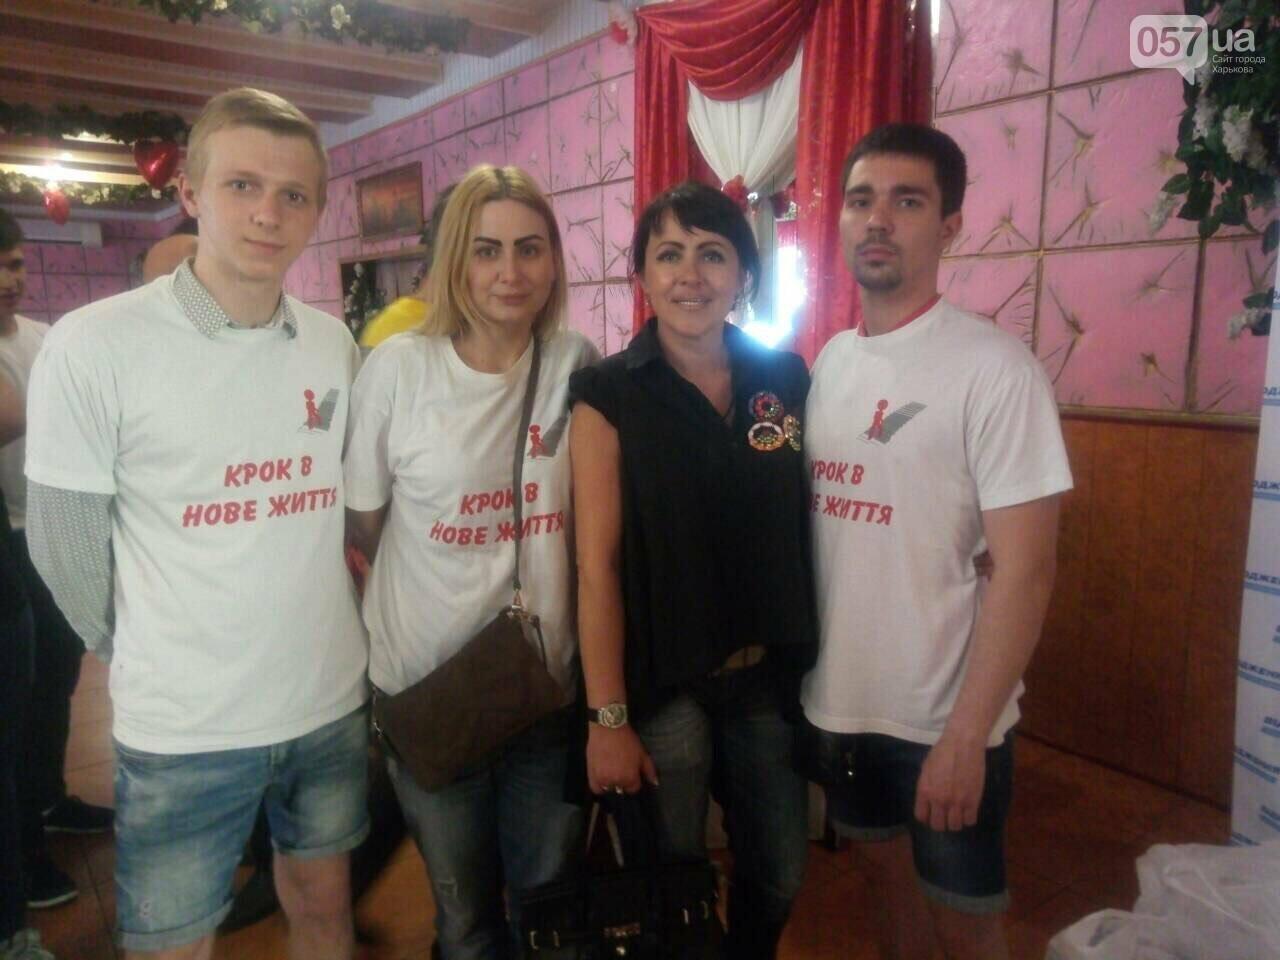 Реабилитационные центры в Харькове, лечение наркомании, лечение алкоголизма, фото-89